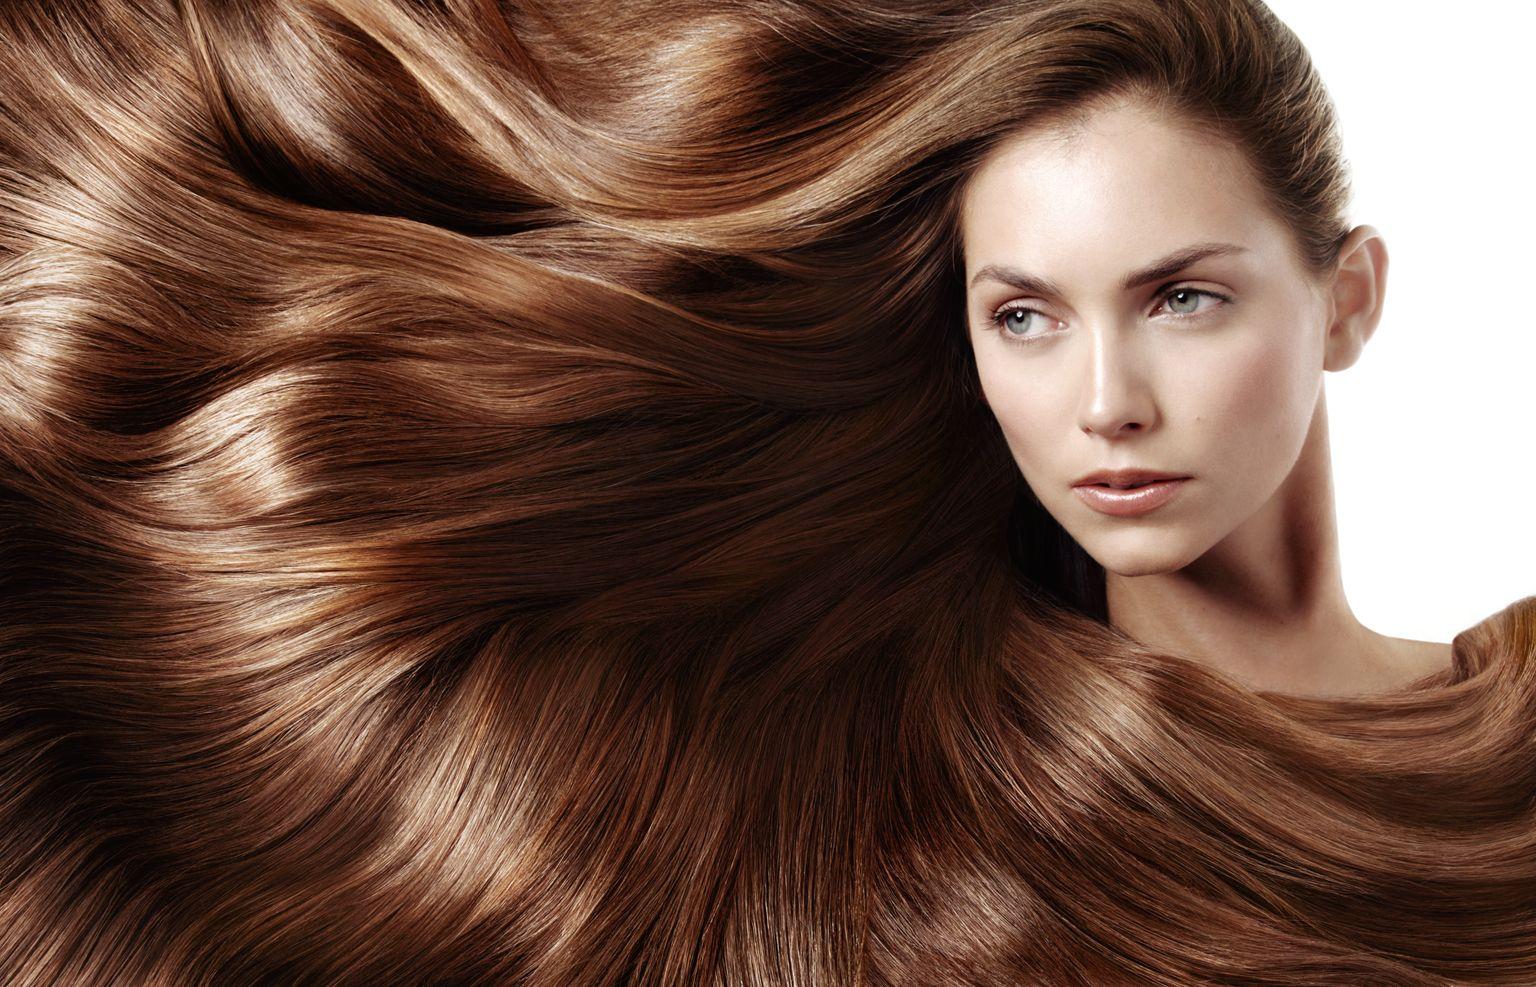 Saçların Hızlı Uzaması İçin Neler Yemeli